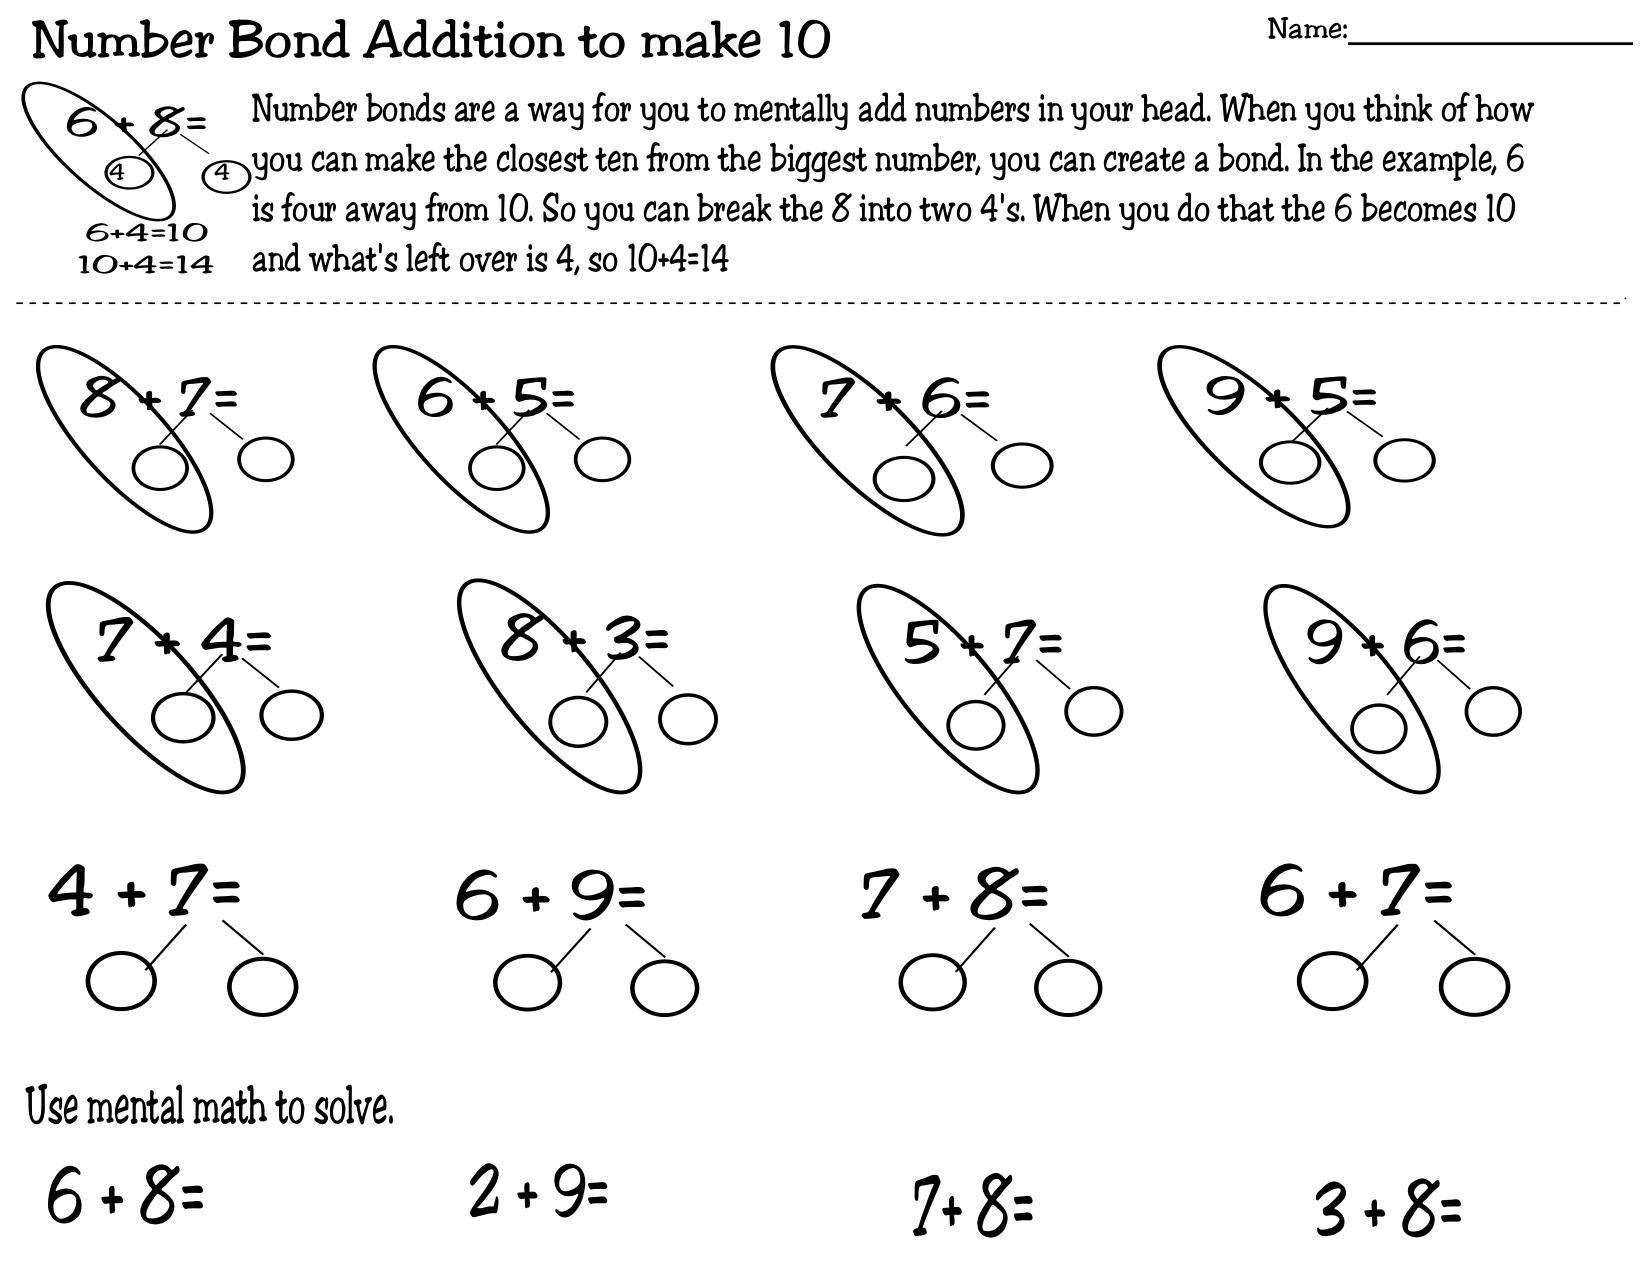 Printable Mental Math Worksheets For Grade 1 – Letter Worksheets [ 1275 x 1651 Pixel ]